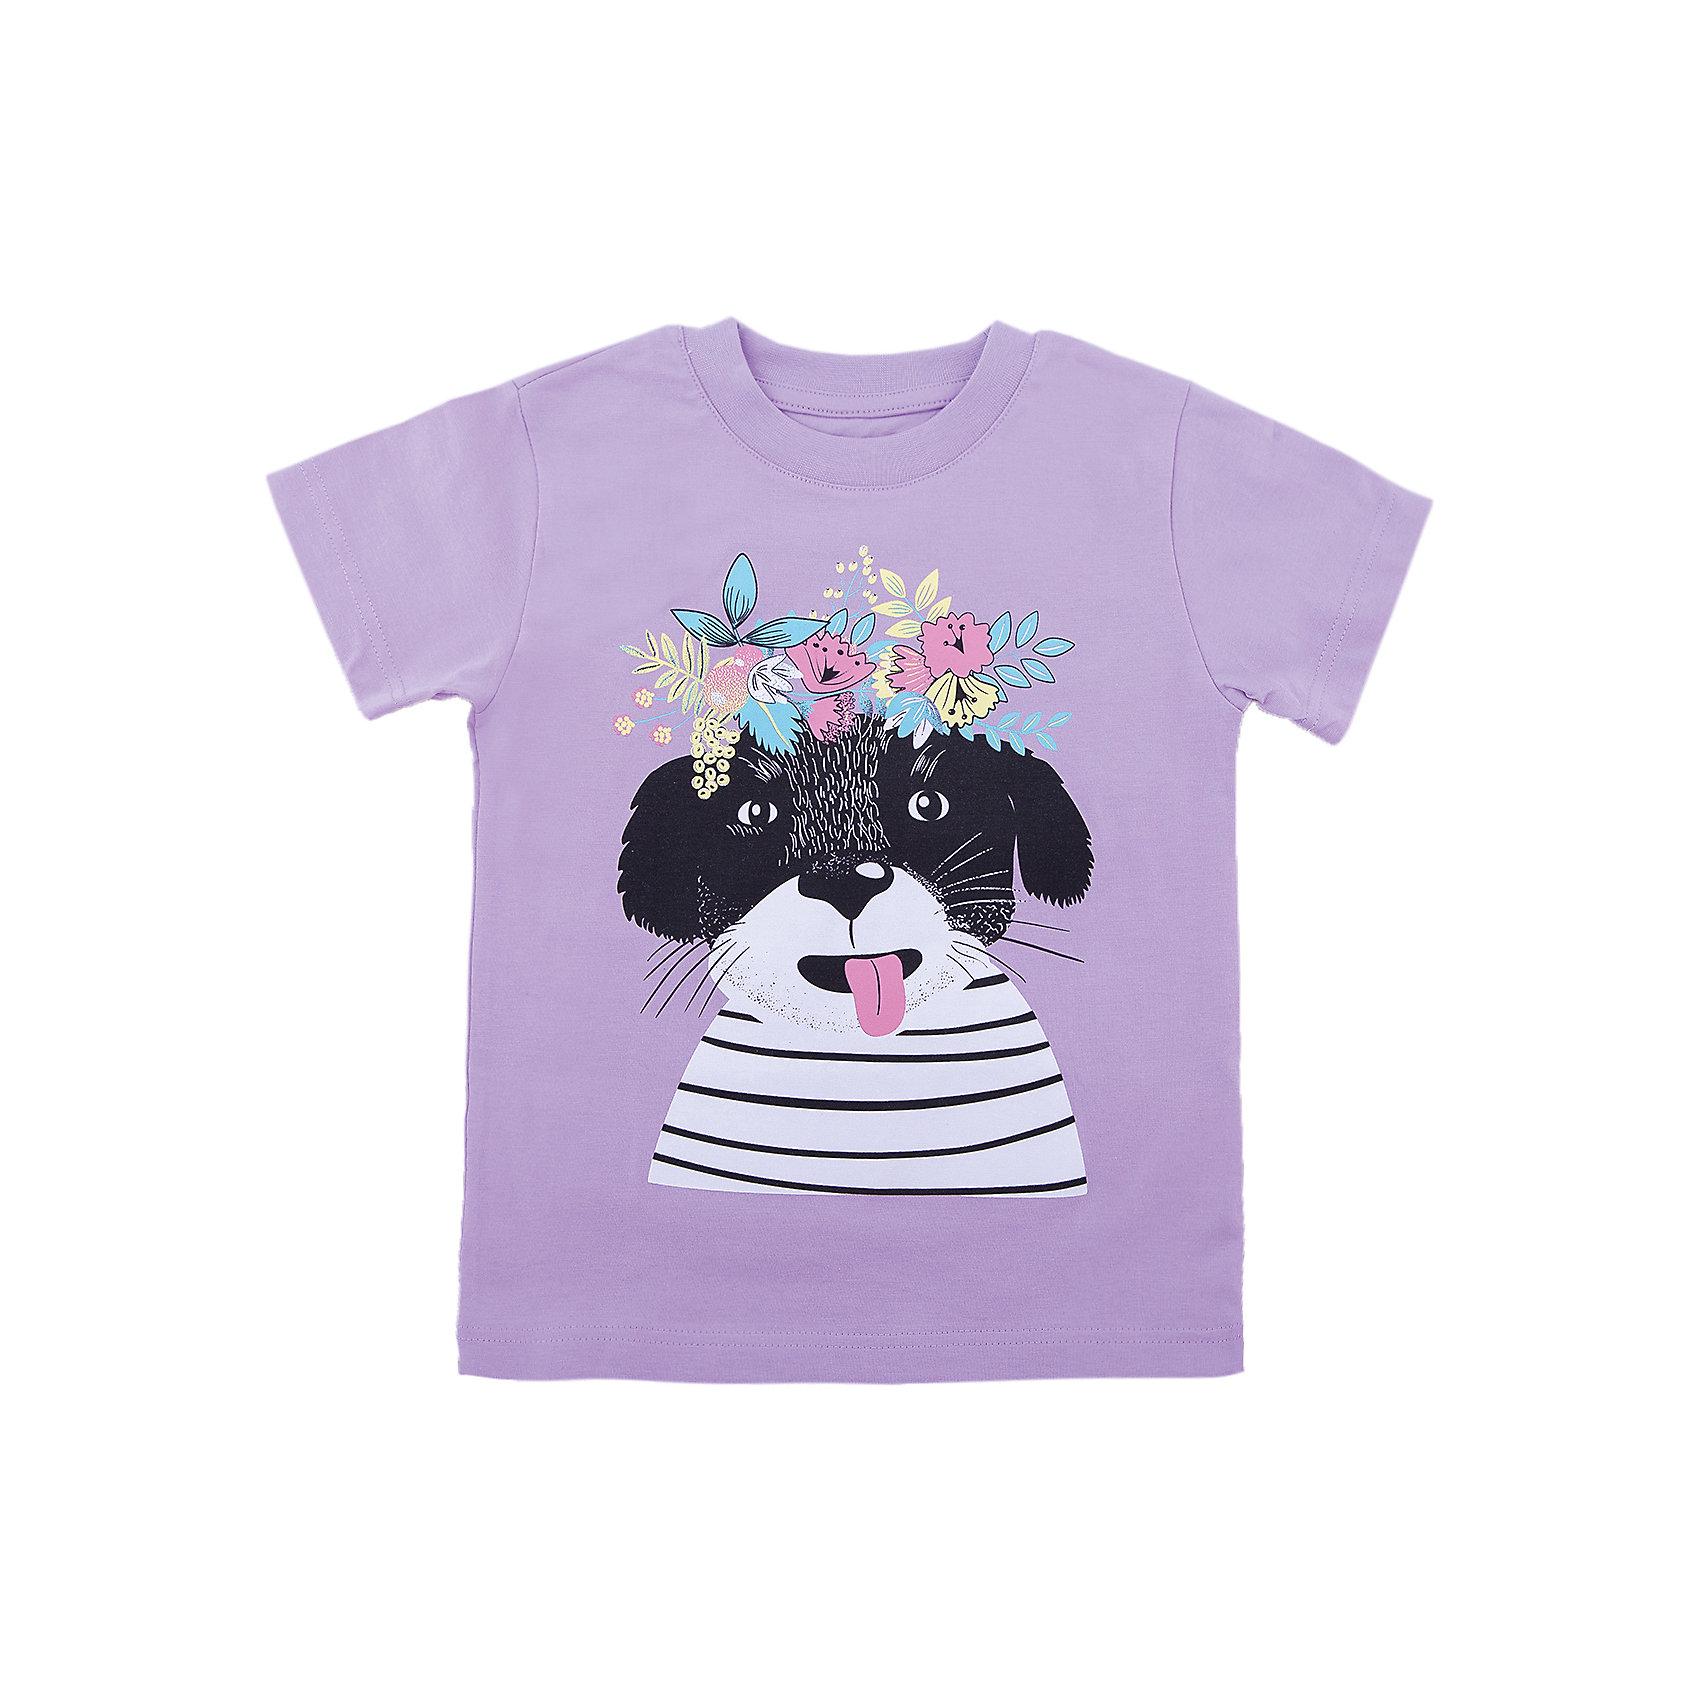 Футболка для девочки WOWФутболки, поло и топы<br>Футболка для девочки WOW<br>Незаменимой вещью в  гардеробе послужит футболка с коротким рукавом. Стильная и в тоже время комфортная модель, с яркой оригинальной печатью, будет превосходно смотреться на ребенке.<br>Состав:<br>кулирная гладь 100% хлопок<br><br>Ширина мм: 199<br>Глубина мм: 10<br>Высота мм: 161<br>Вес г: 151<br>Цвет: лиловый<br>Возраст от месяцев: 72<br>Возраст до месяцев: 84<br>Пол: Женский<br>Возраст: Детский<br>Размер: 122,98,104,110,116<br>SKU: 6871569